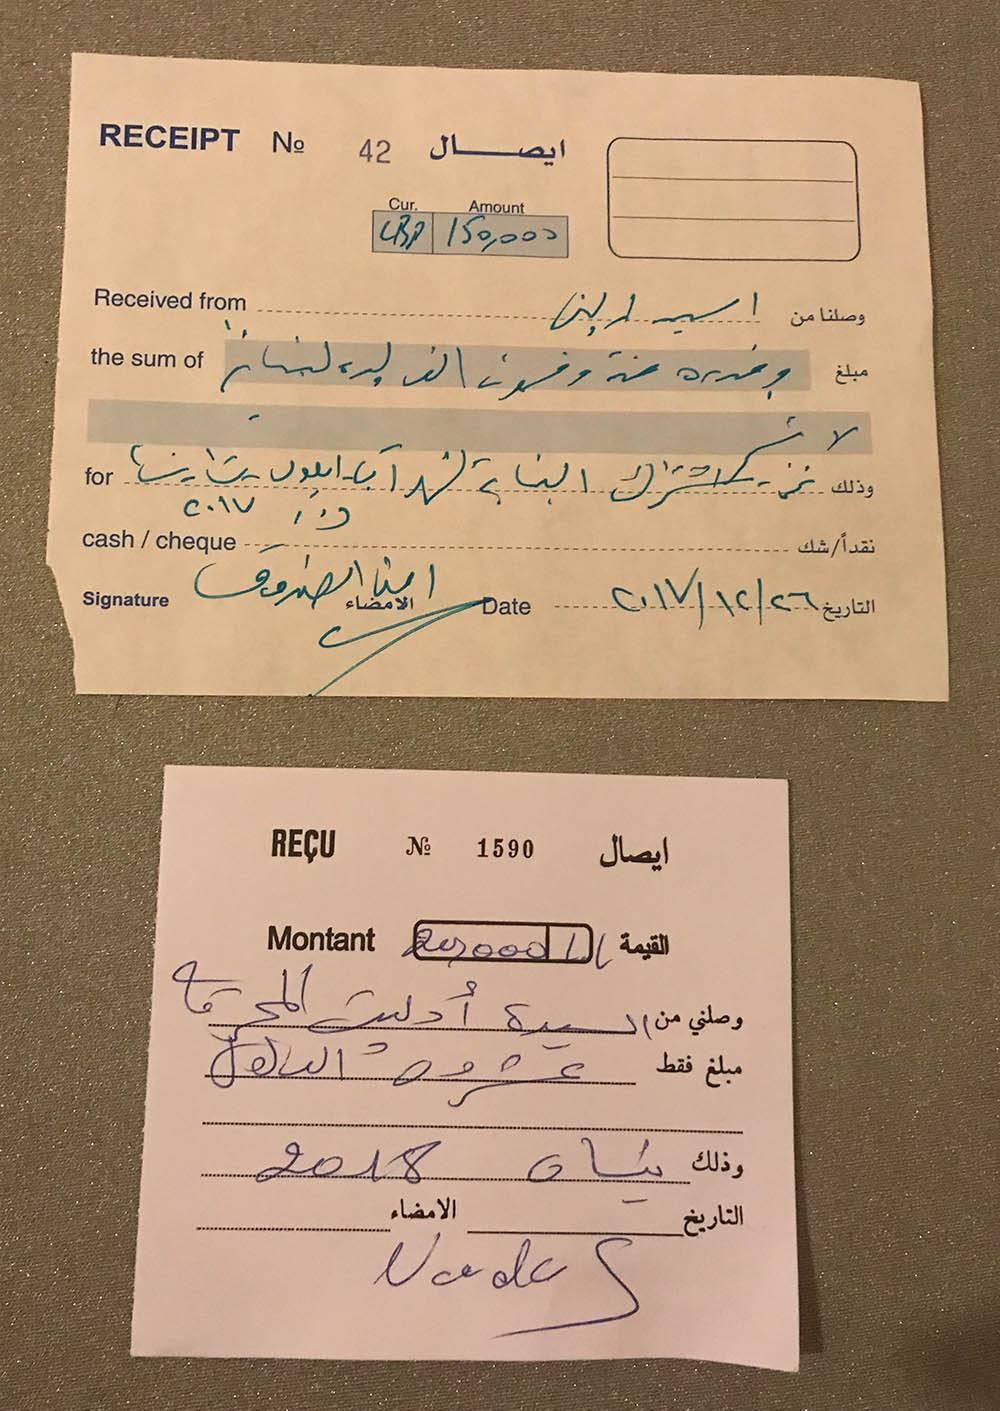 Чеки на электричество за месяц: верхний от частной компании — 150 000 ливанских лир, или 100$, нижний от государственной за тот же период — 20 000 лир, или 13,5$